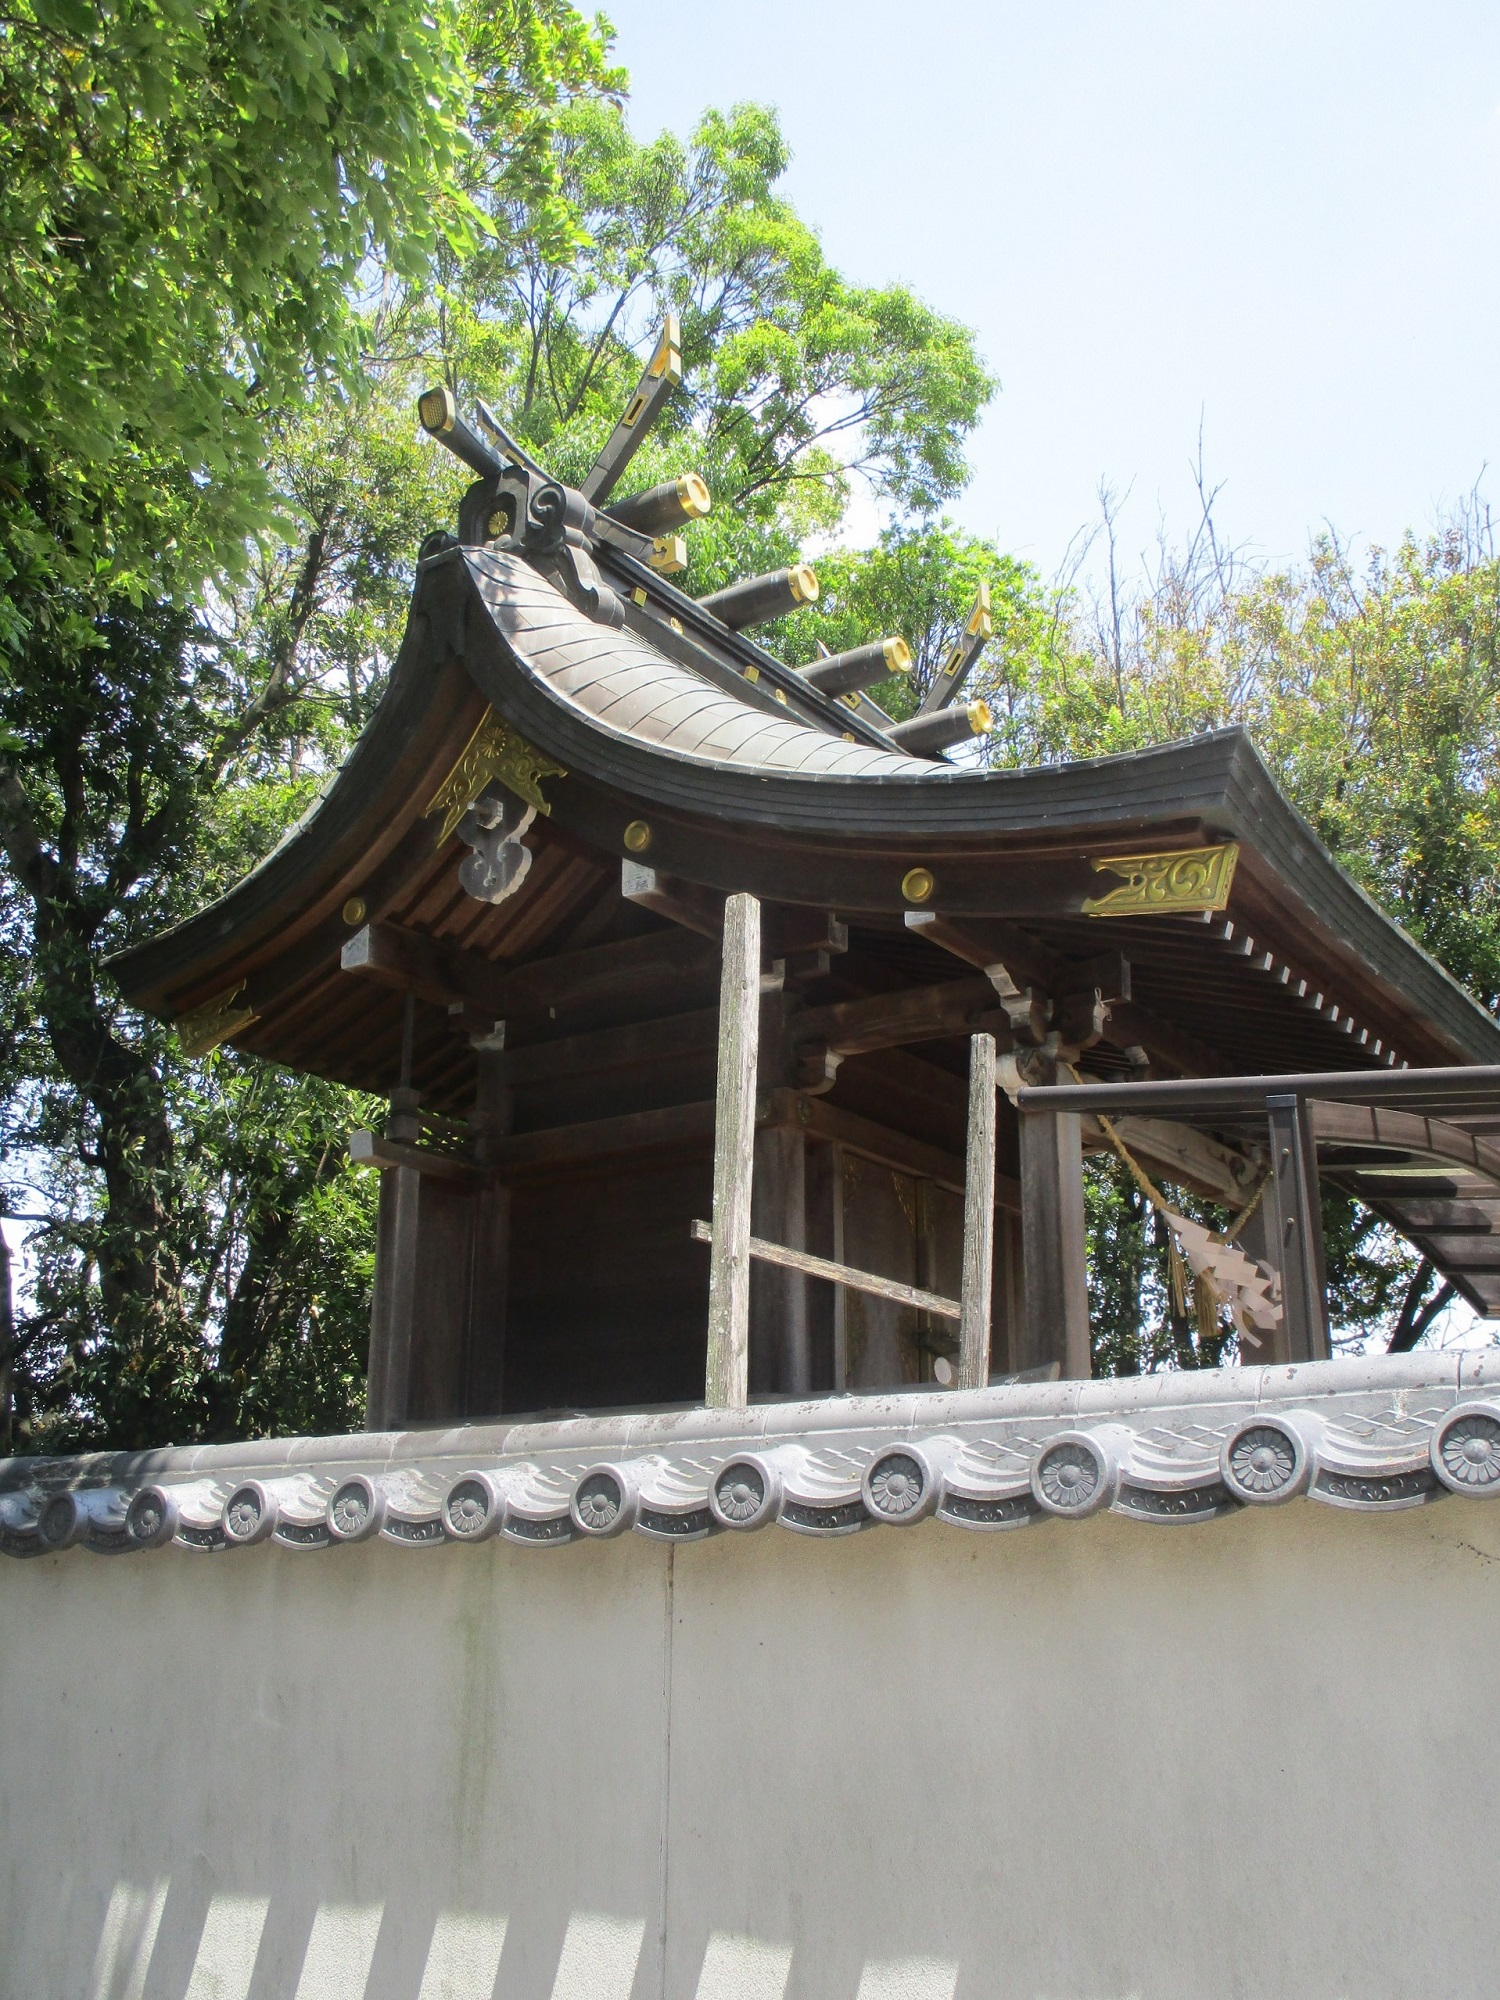 2020.5.13 (10) 酒人神社 - 本殿(ひだり45度から) 1500-2000